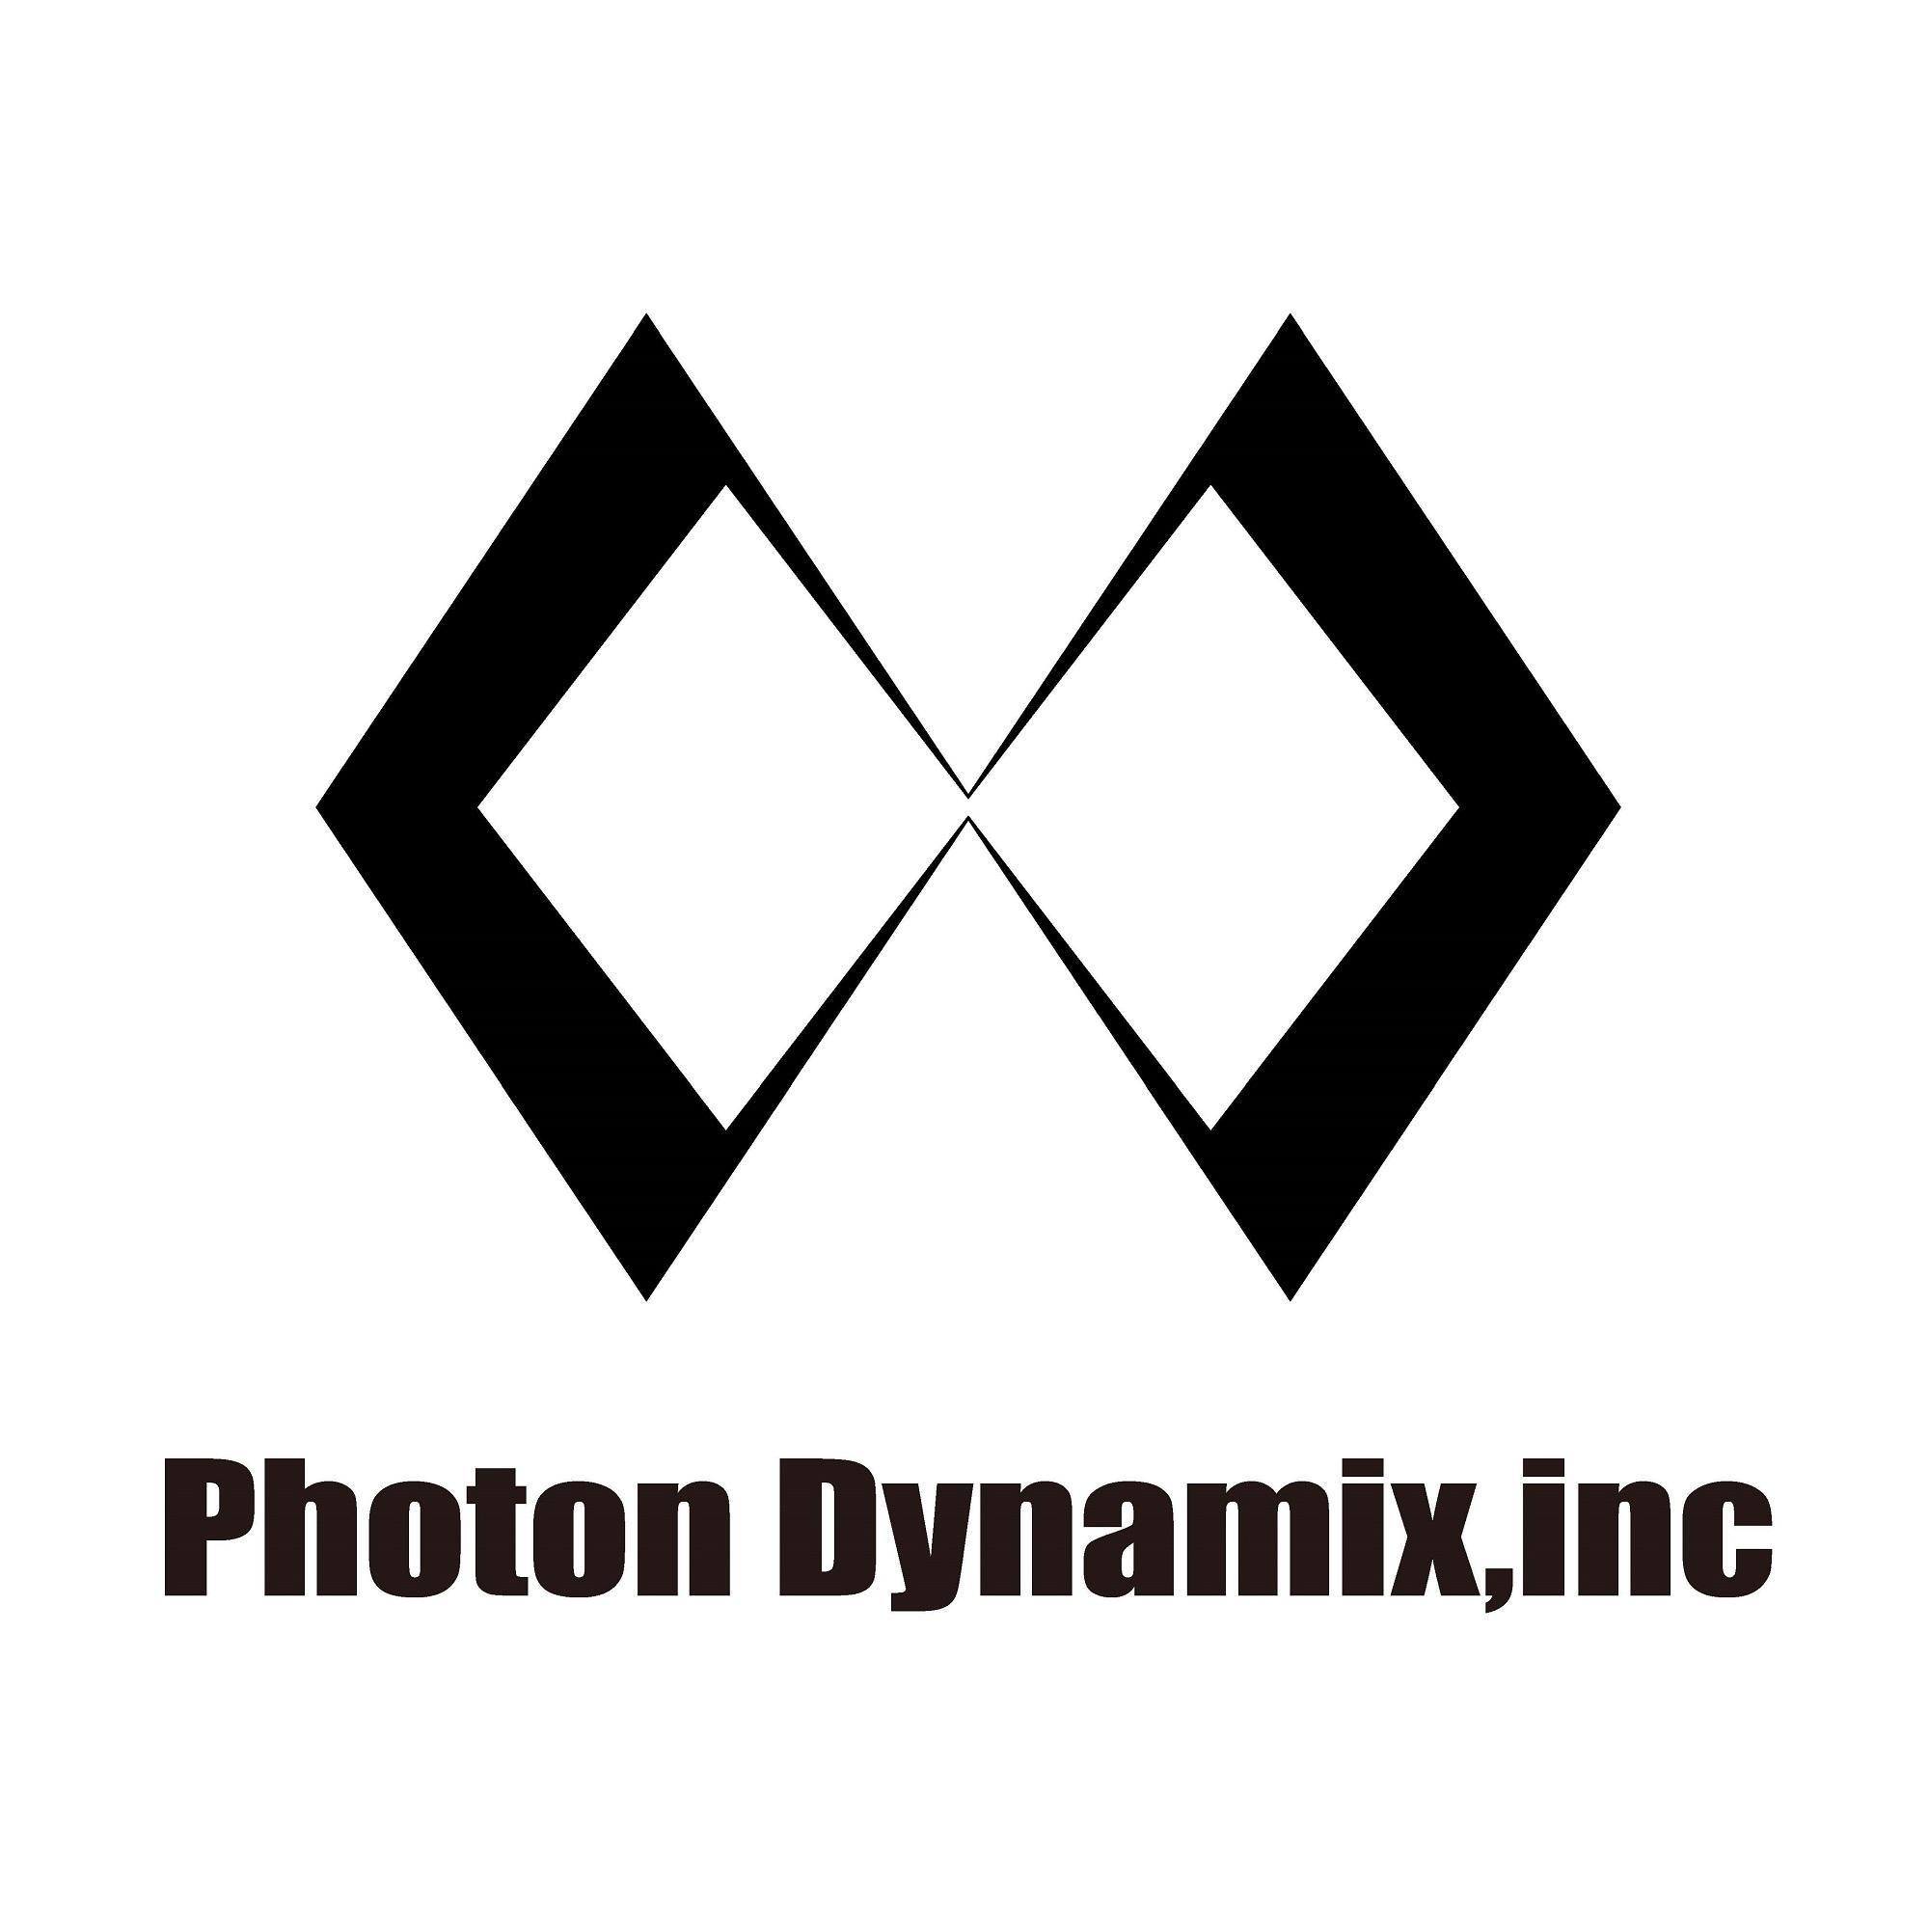 PhotonDynamix___.jpg